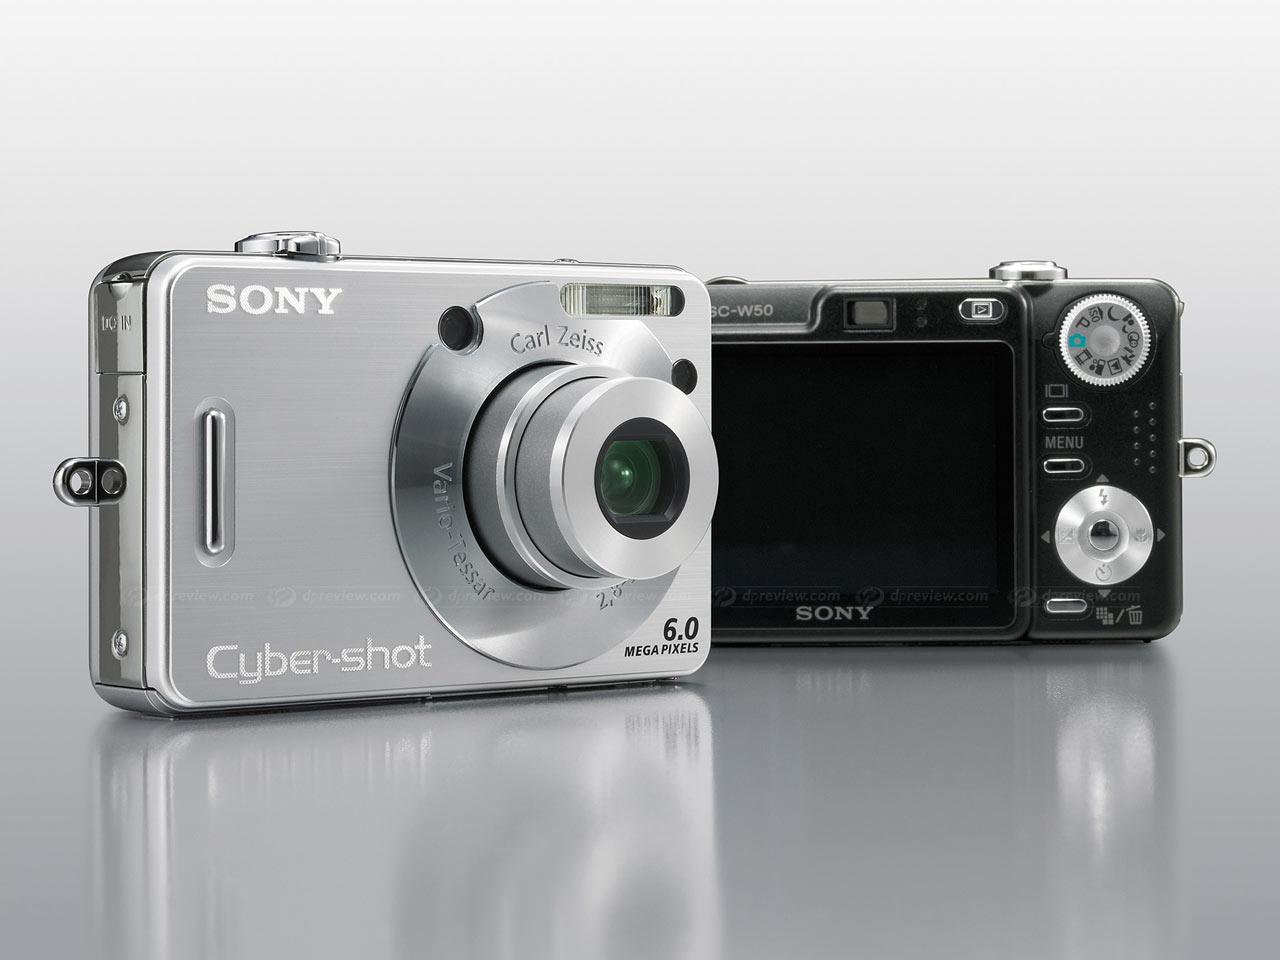 Sony Dsc W30 And Dsc W50 Digital Photography Review